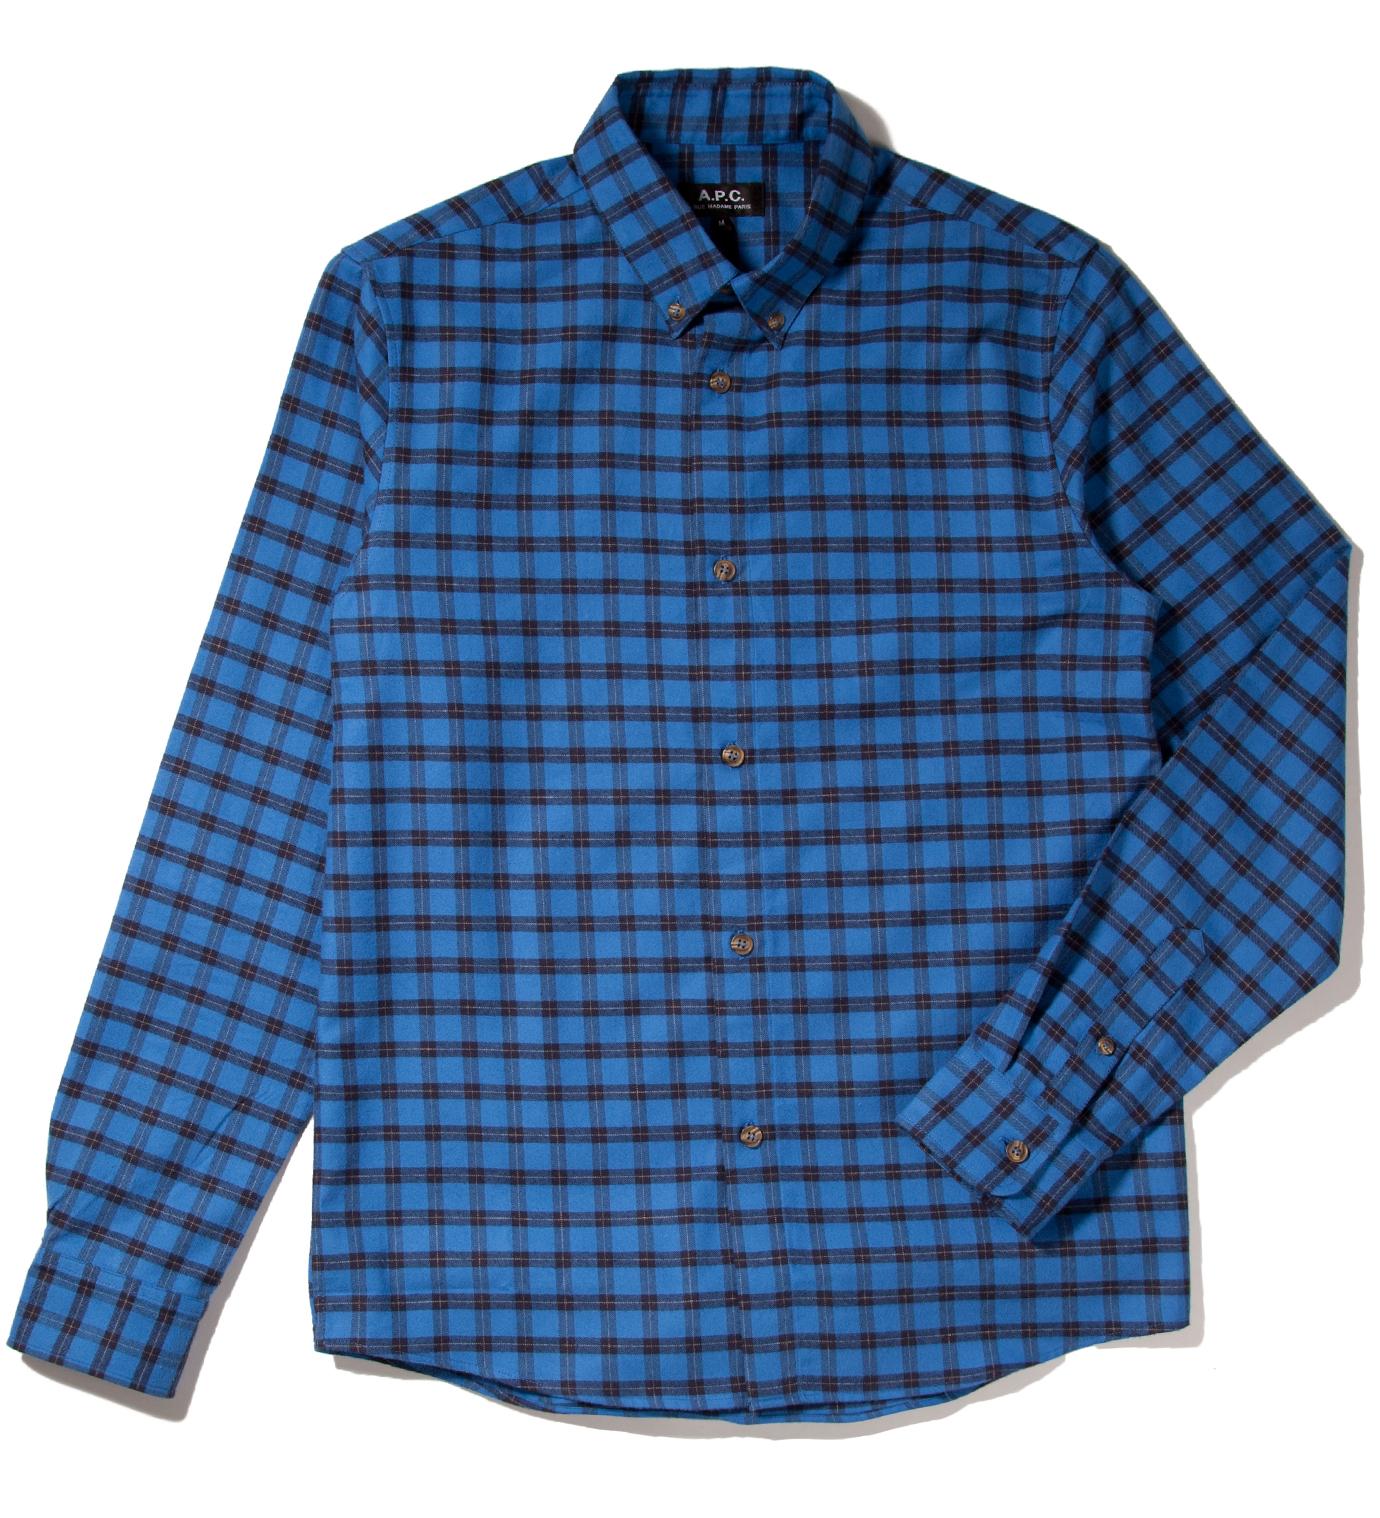 A.P.C. Indigo Chemise Shirt